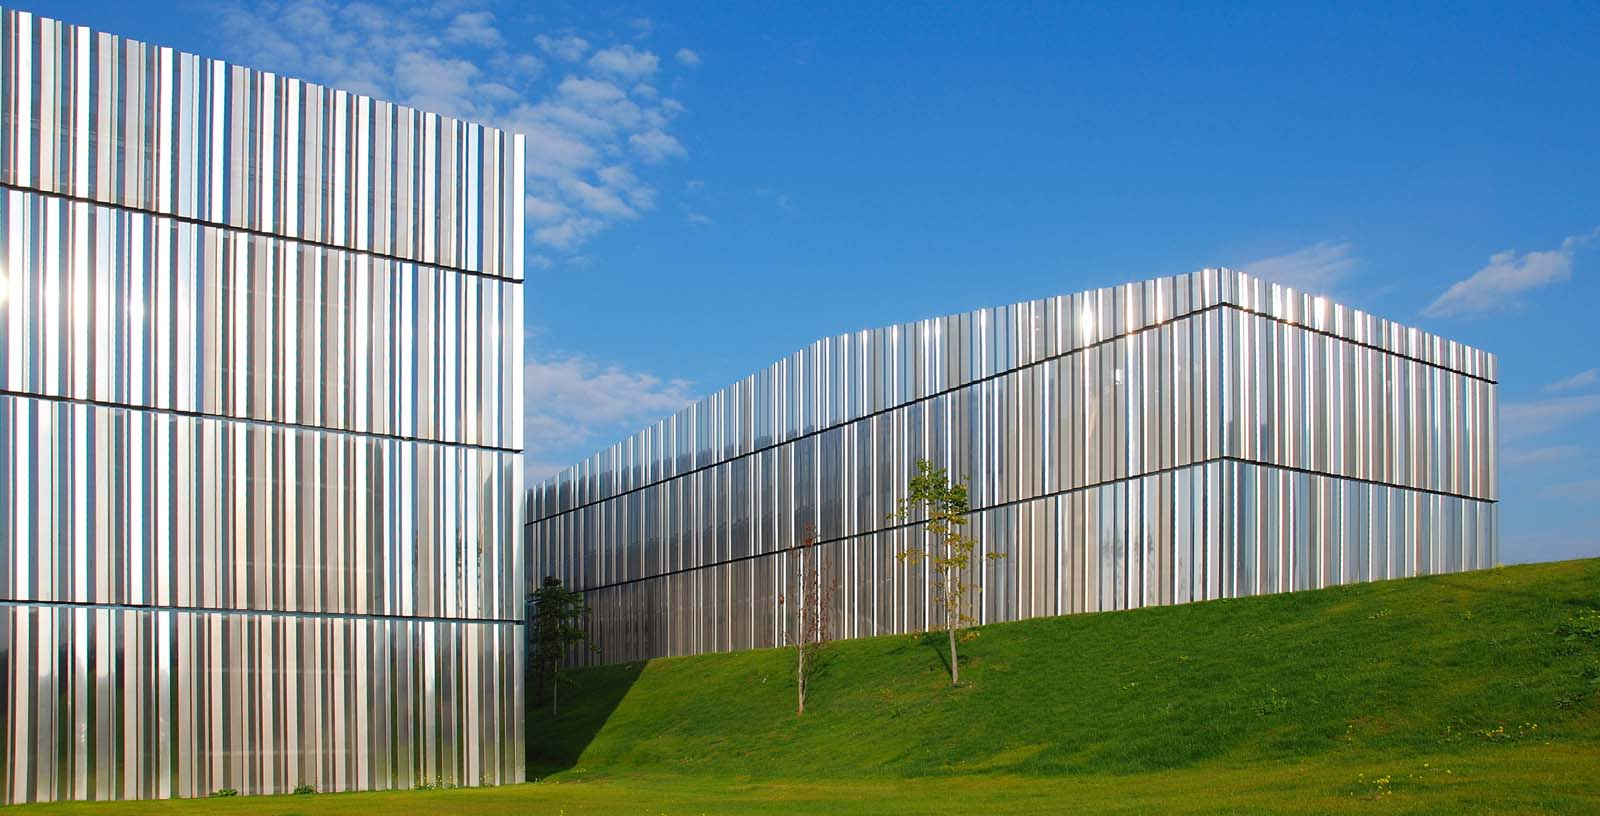 CIC_Energigune_01_Architecture_Idom_photos_Aitor_Ortiz